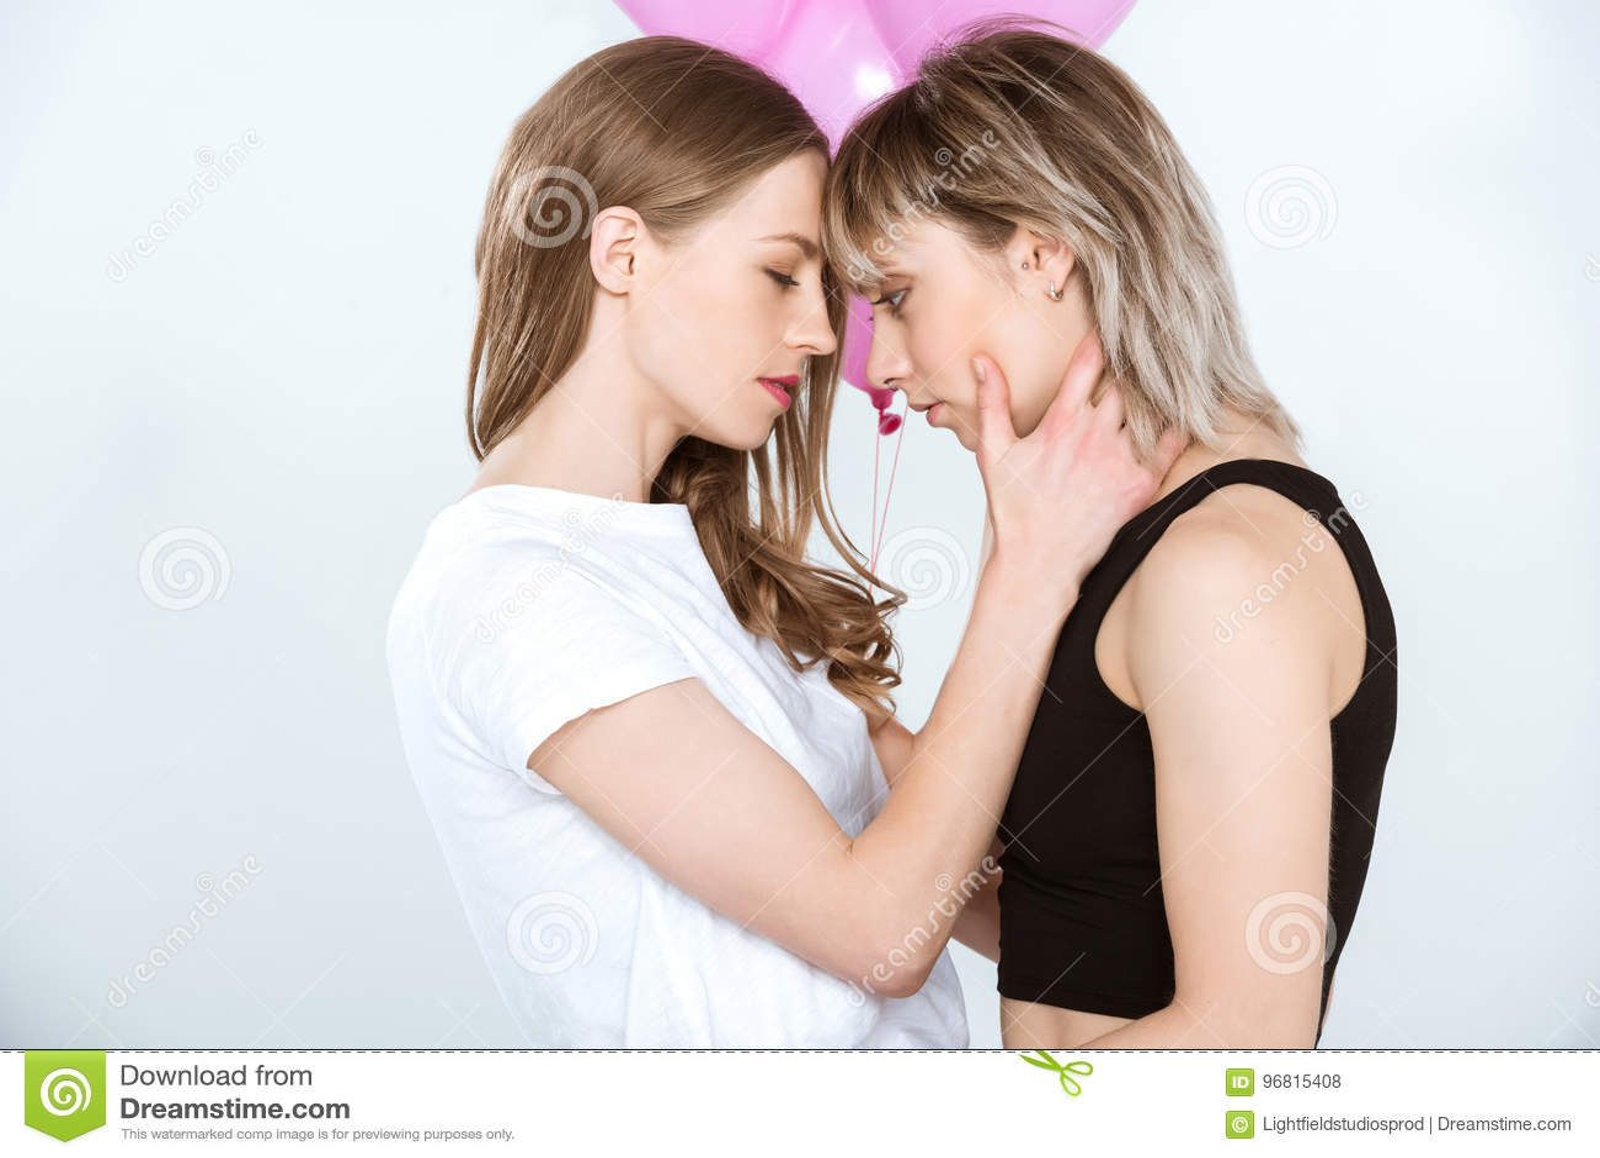 Schöne Junge Lesbische Paare, Die Rosa Ballone Halten Und Einander ...